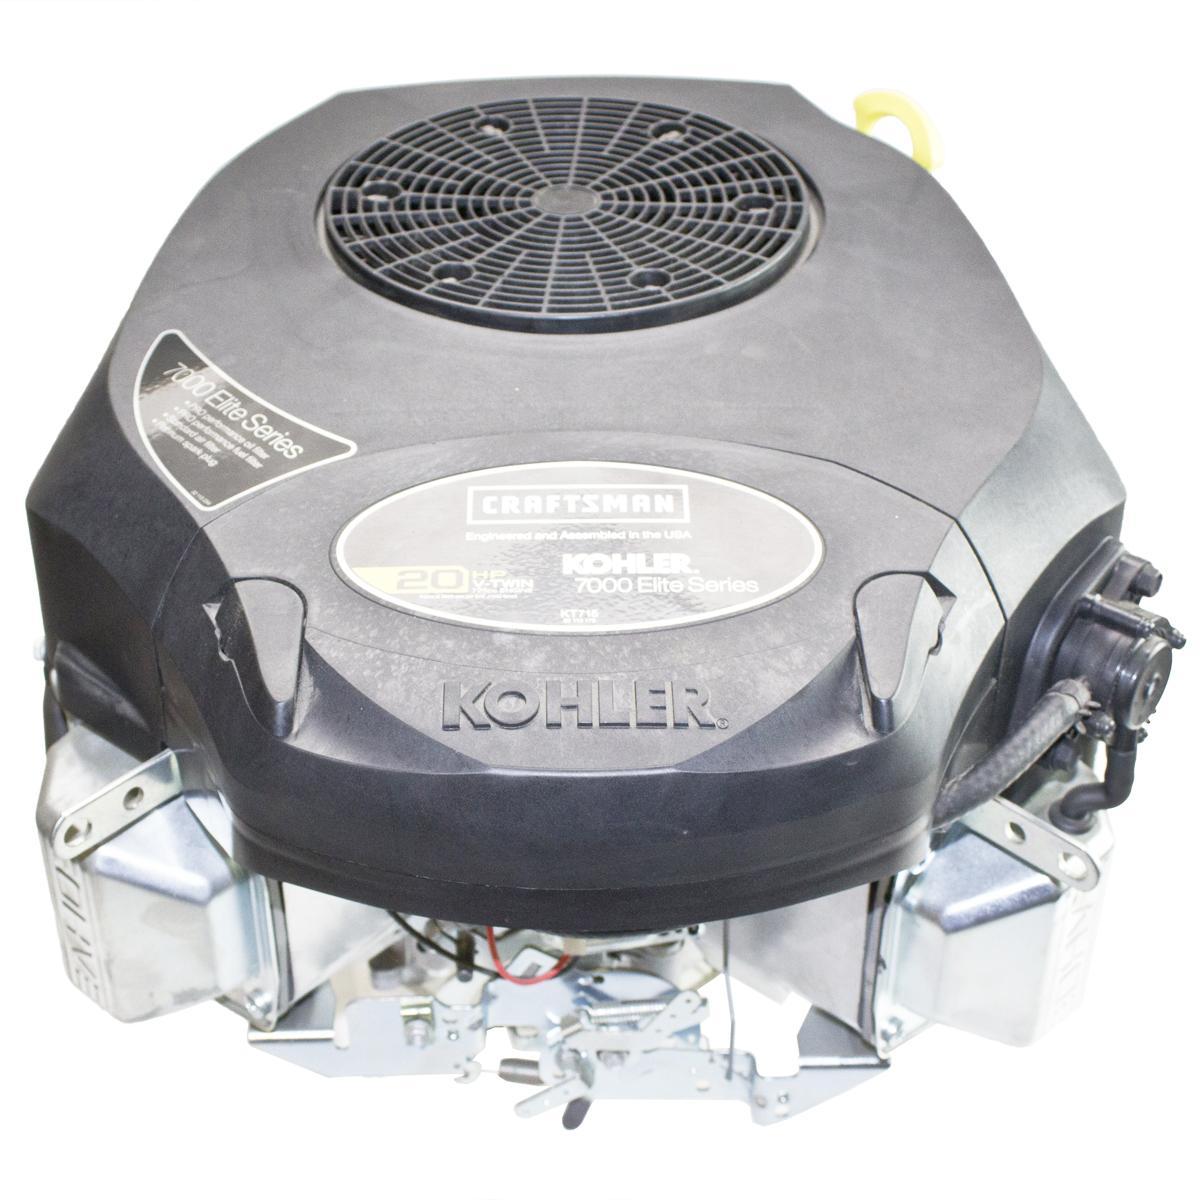 """20hp 7000 Series, Vertical 1"""" x 3-5/32"""" Shaft, OHV, Electric Start, 15 Amp Alt, Fuel Pump, Oil Filter, Kohler Engine"""